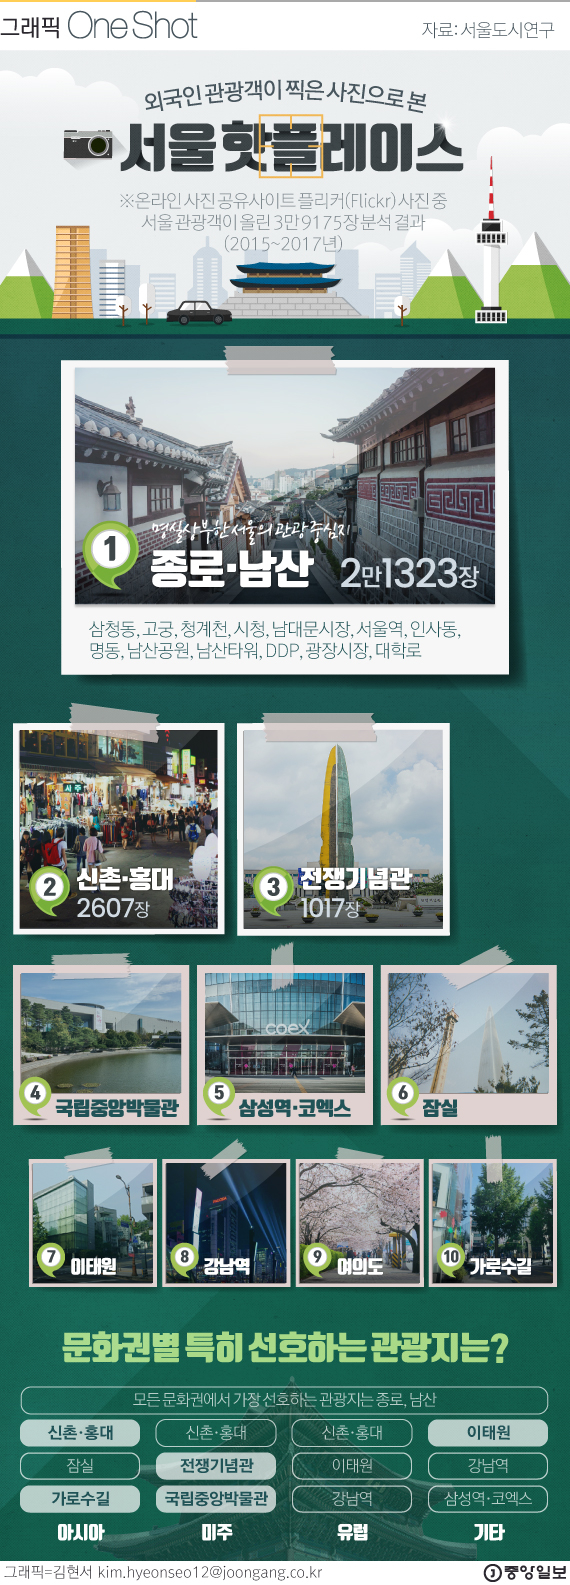 관광 사진 빅데이터로 보는 한국 관광 핫플레이스는?